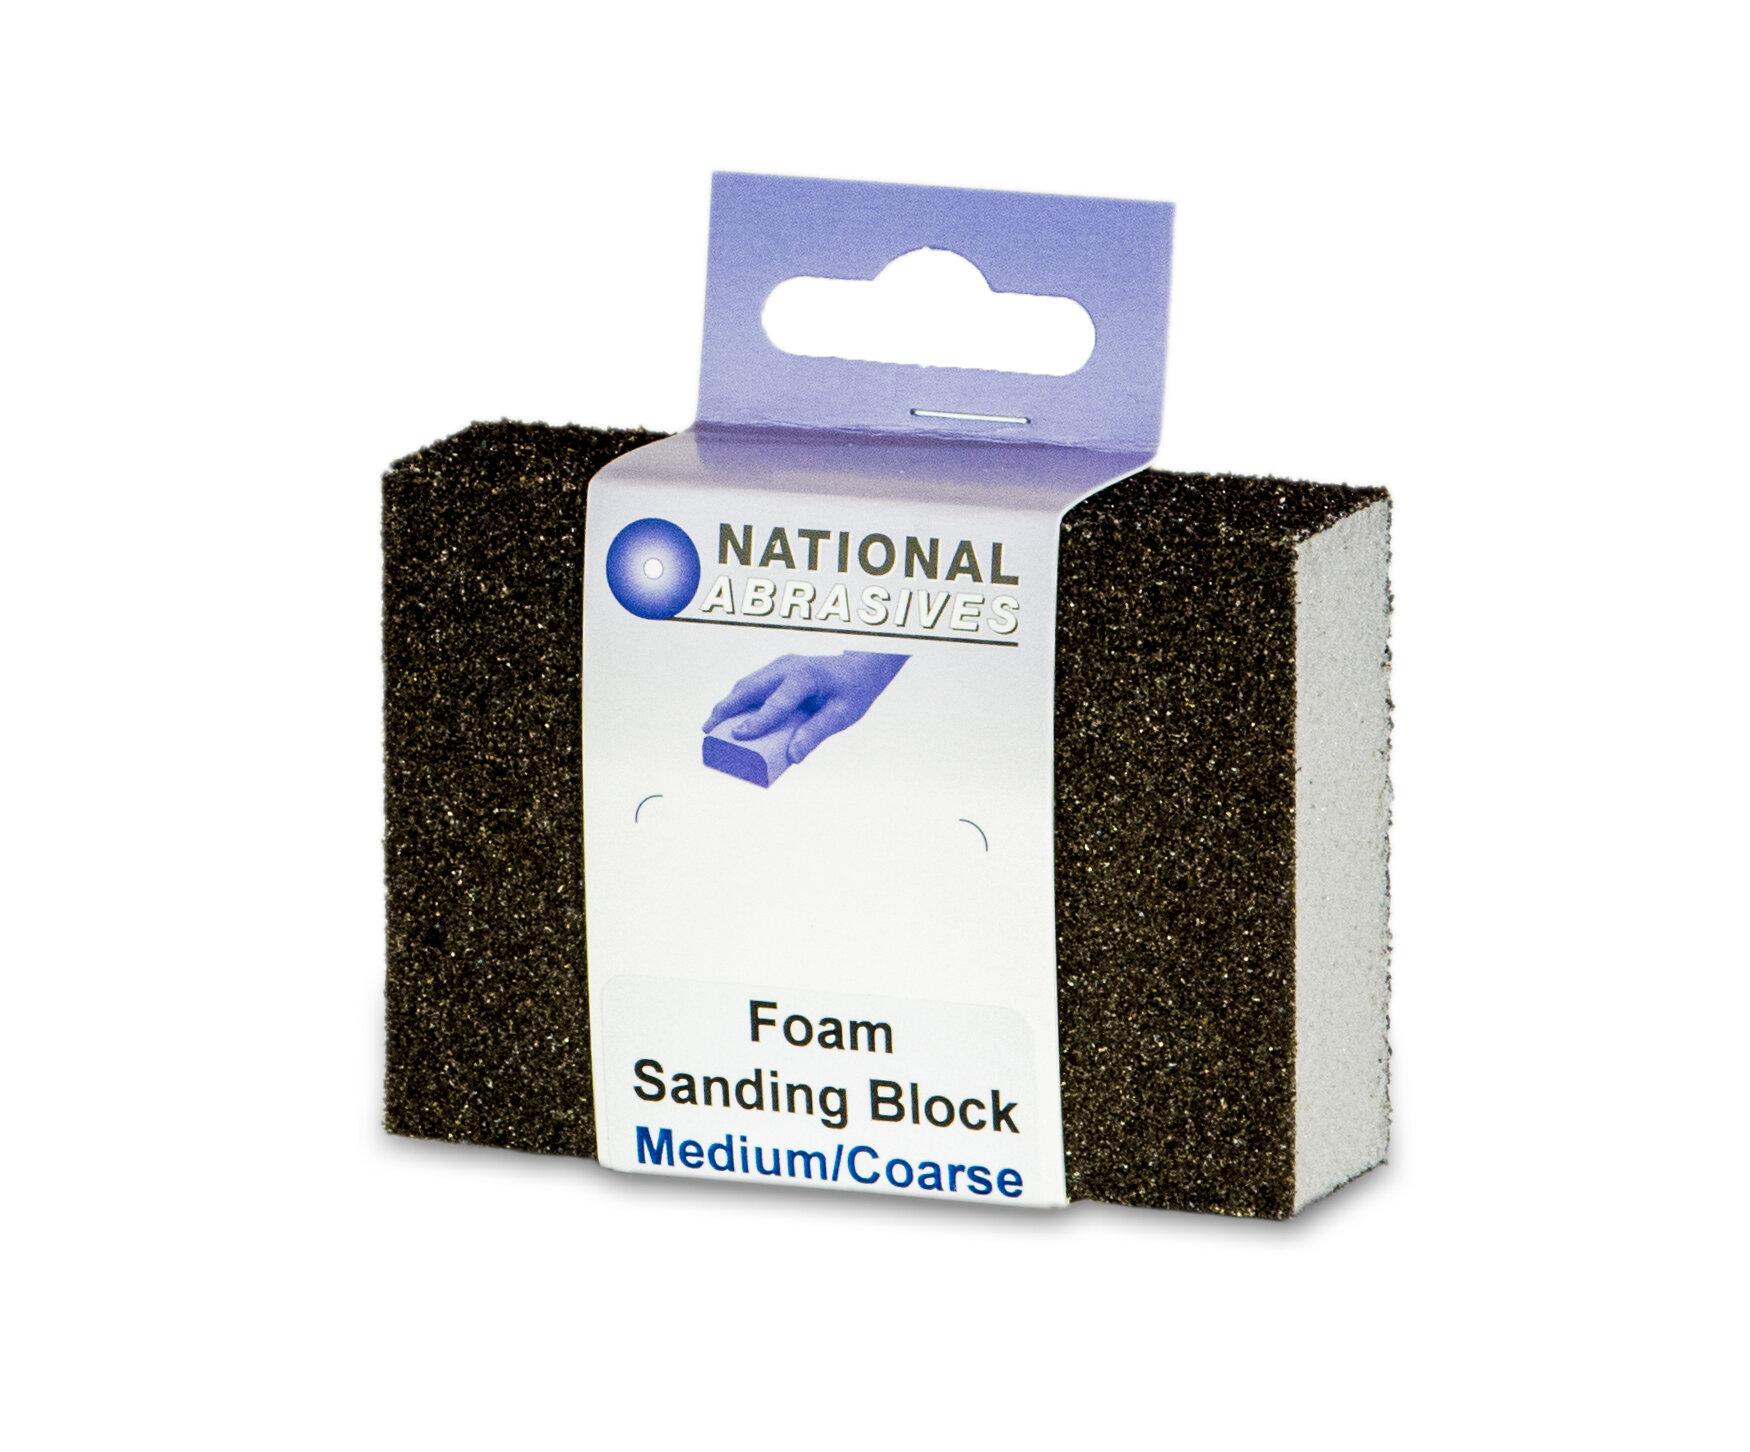 SANDING BLOCK MEDIUM/COARSE